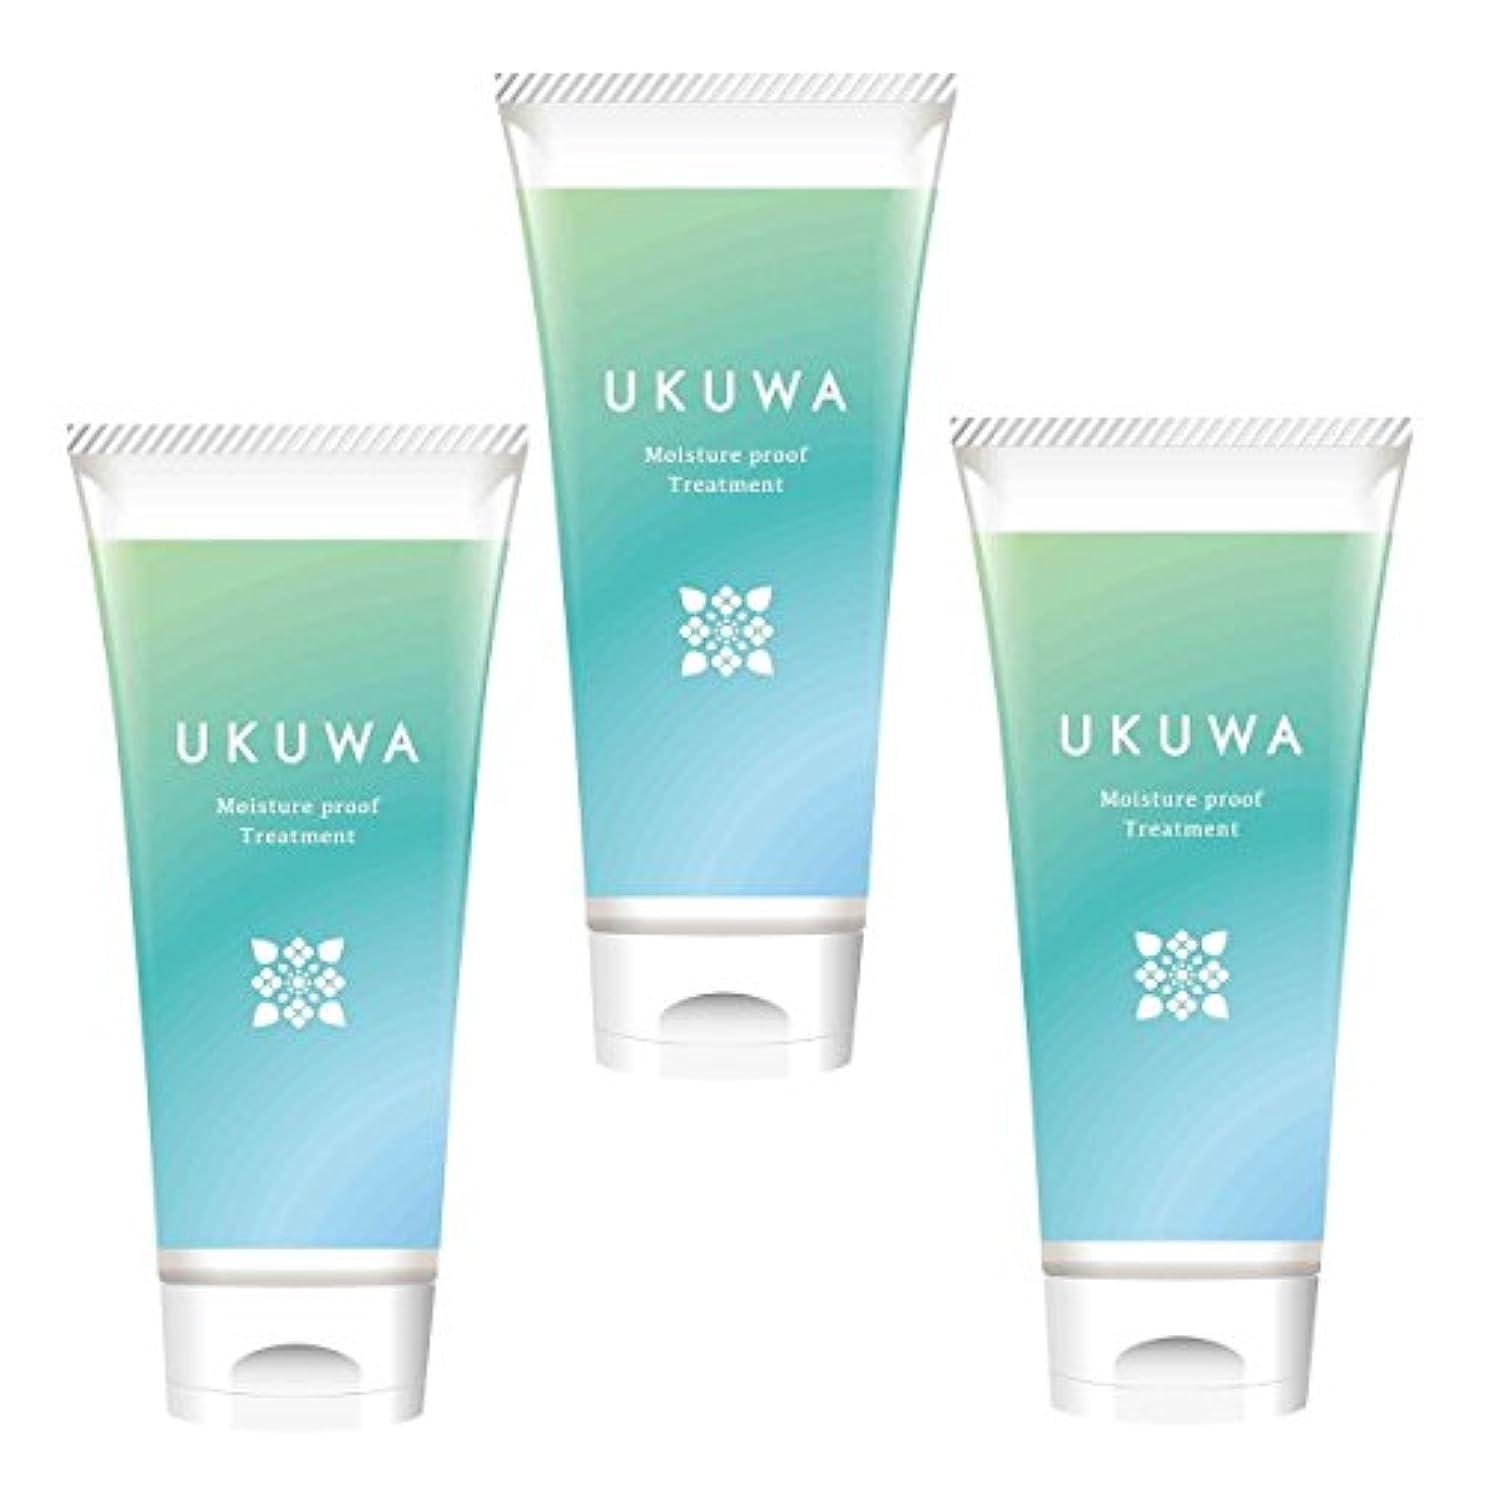 トロリーシビックレギュラーディアテック UKUWA(ウクワ)(雨花)モイスチャー プルーフ トリートメント 100g×3本セット